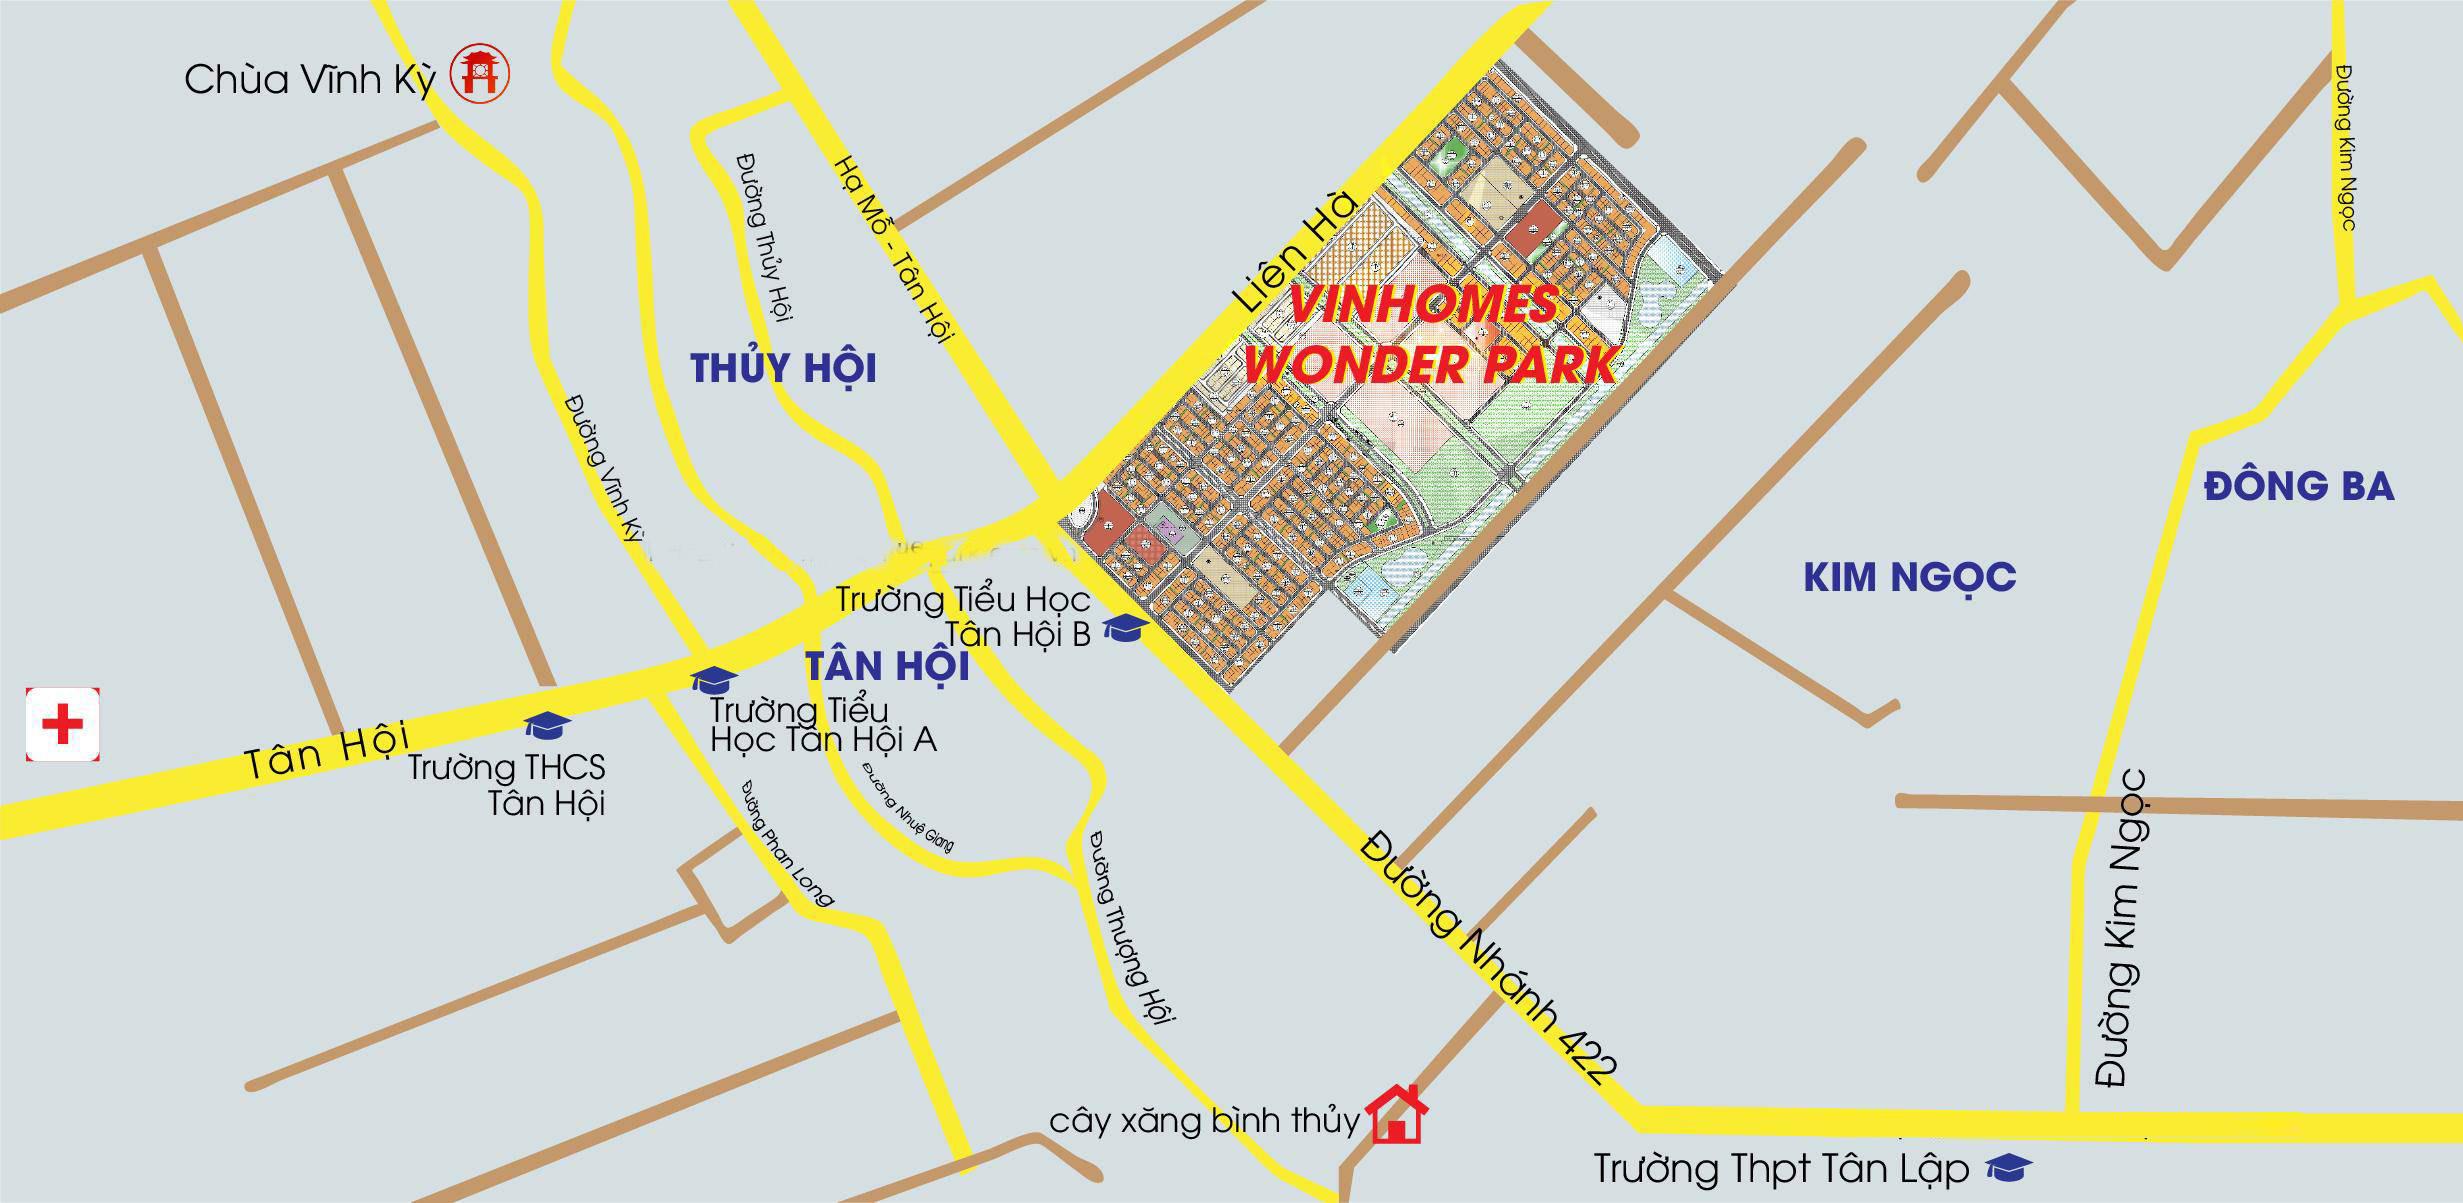 Vị trí Vinhomes Wonder Park